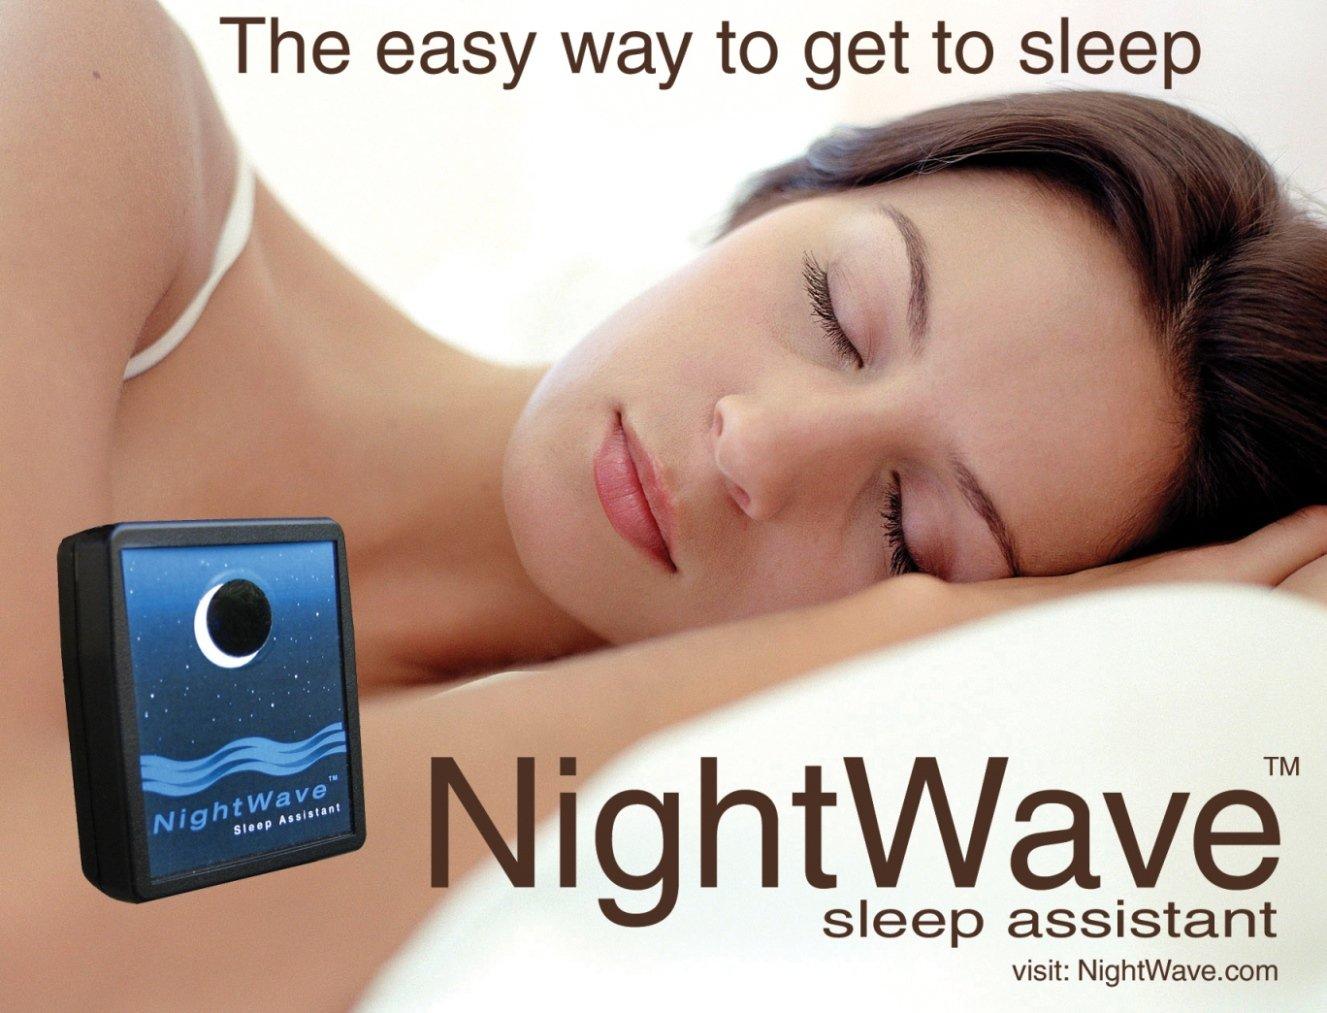 お願いランキングで1位を獲得した安眠グッズ  ナイトウェーブ(NightWave)